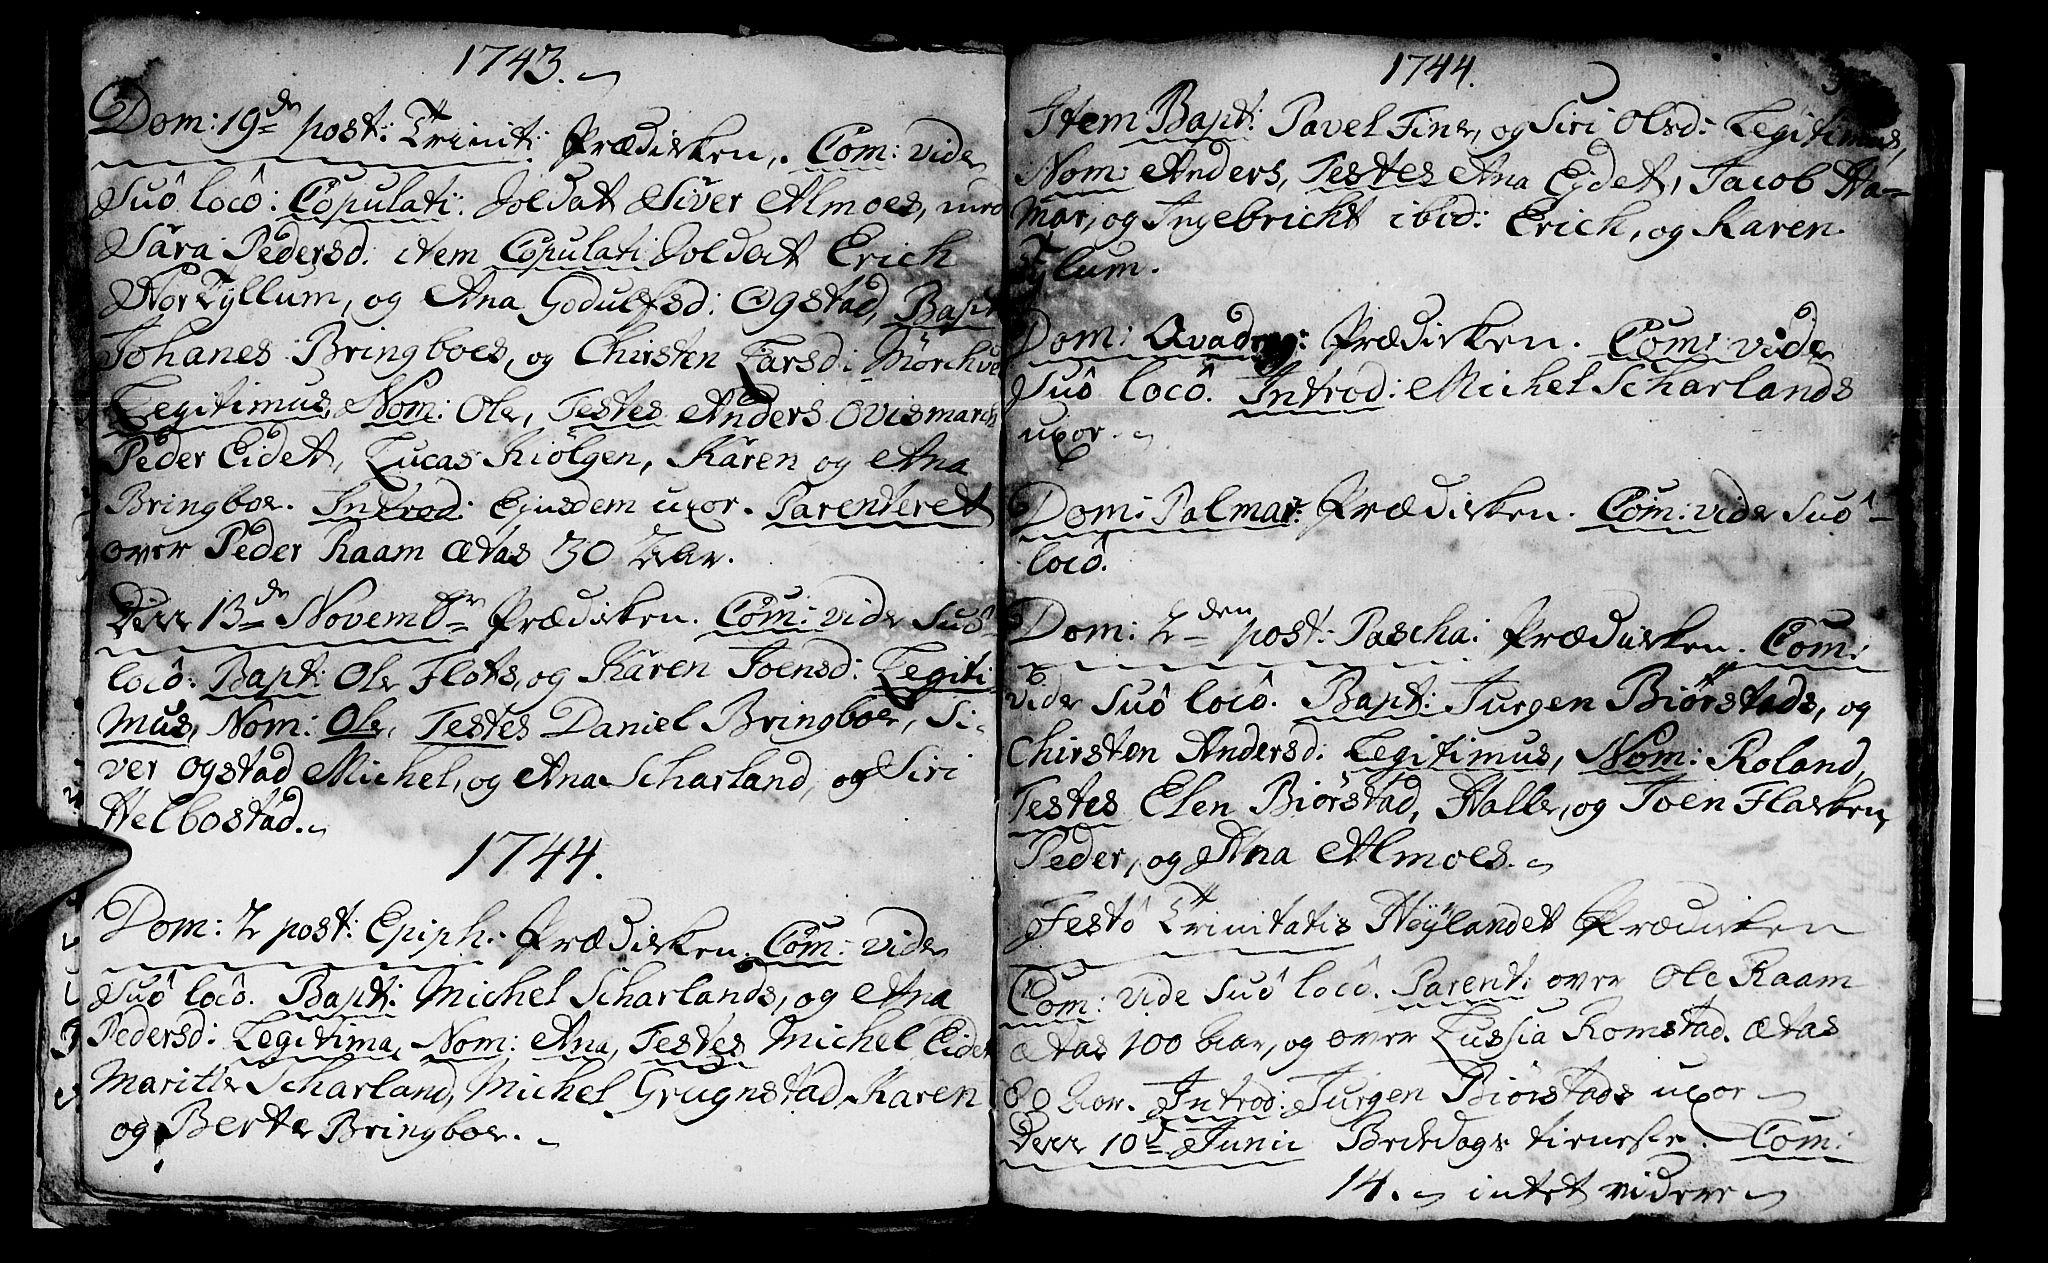 SAT, Ministerialprotokoller, klokkerbøker og fødselsregistre - Nord-Trøndelag, 765/L0560: Ministerialbok nr. 765A01, 1706-1748, s. 31